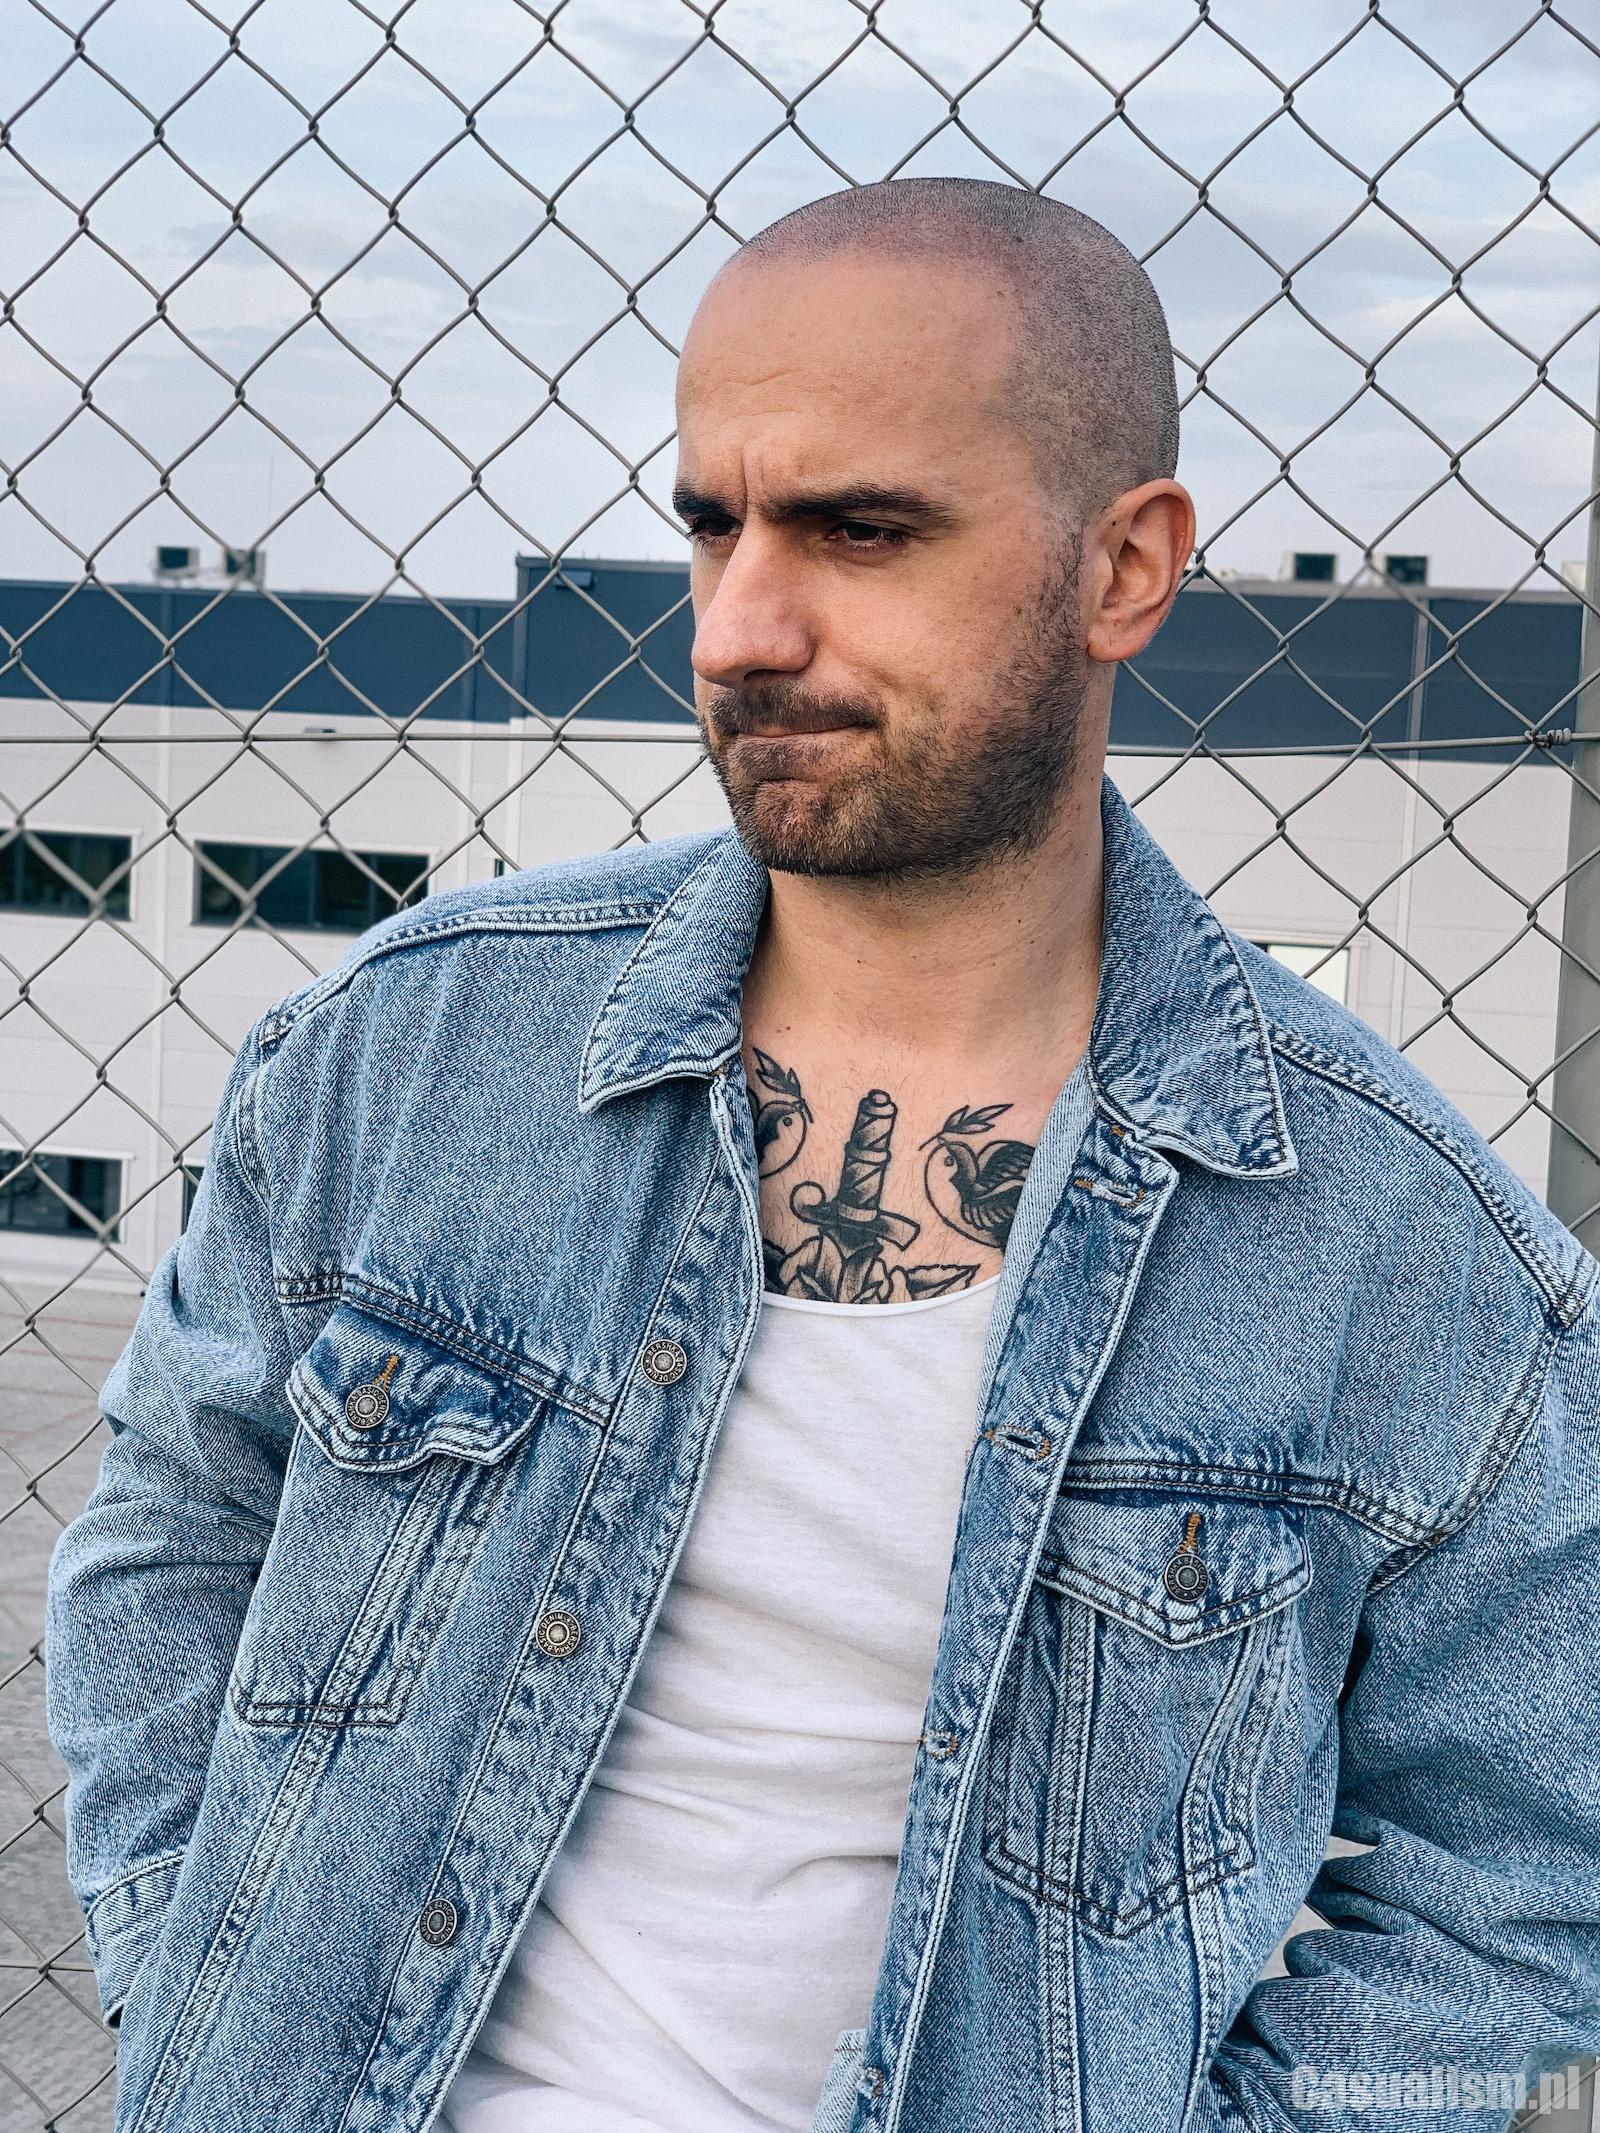 kurtka jeansowa, tatuaz na klacie, tatuaż na klatce piersowej, tatuaż z kurtką, tatuaż pod koszulką